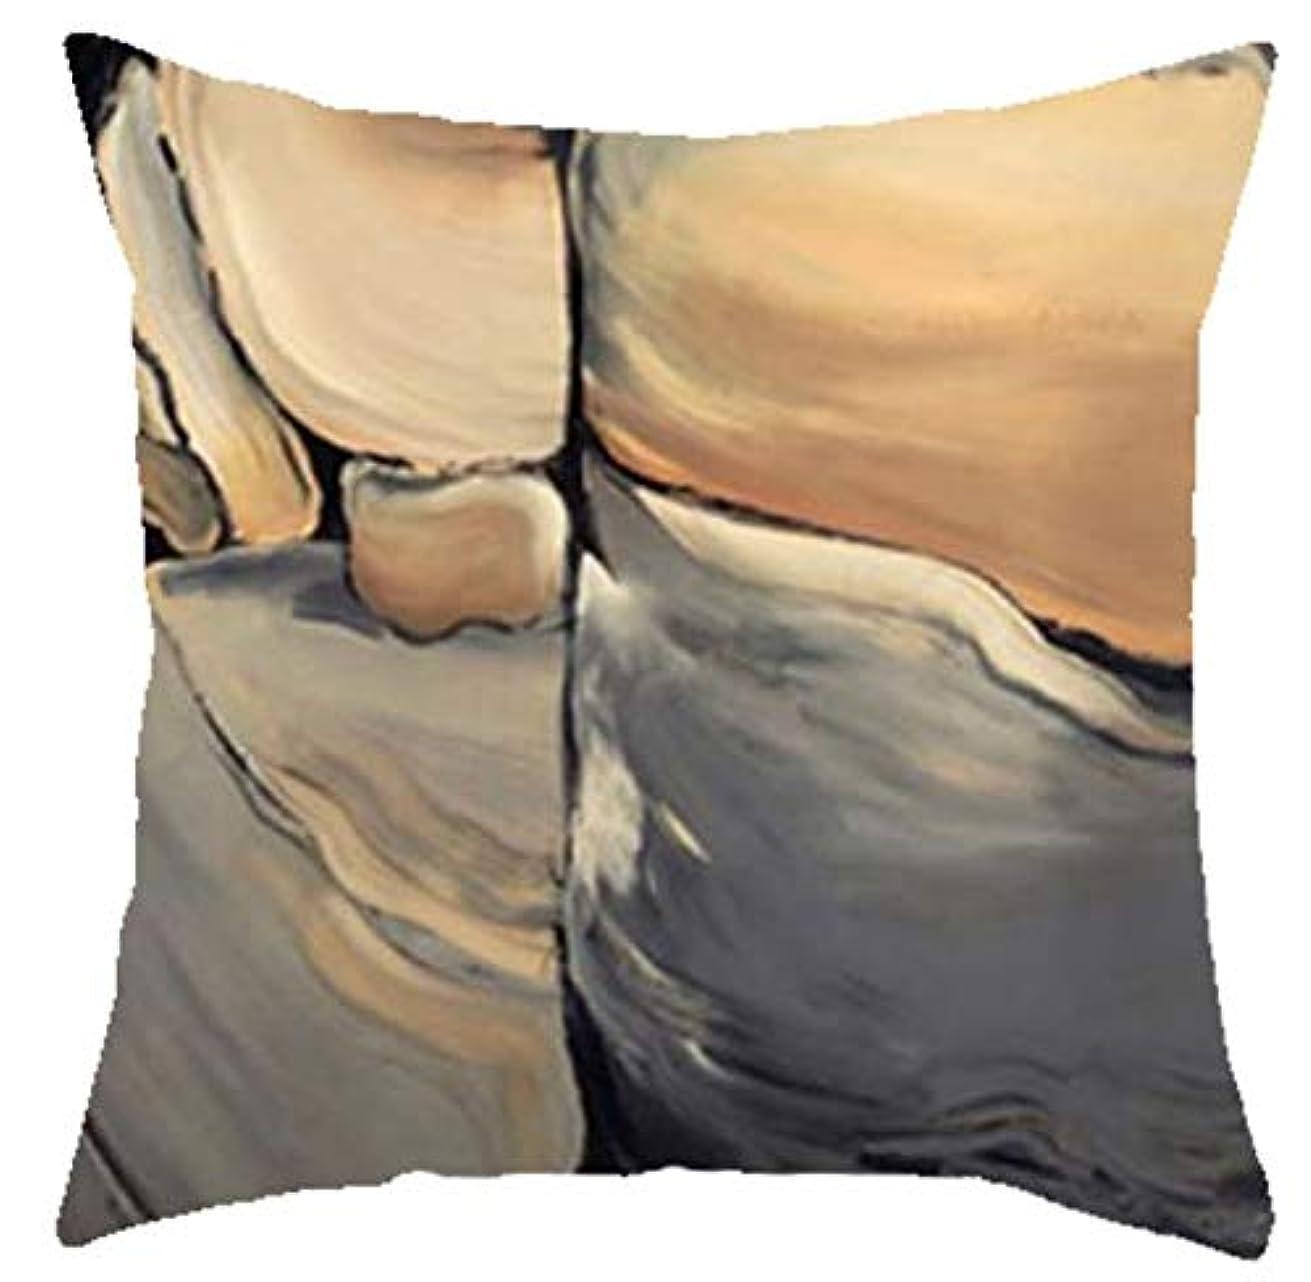 円形の形容詞マングルLIFE 新入荷幾何学模様スロー枕クリエイティブ抽象大理石クッション手塗りの山の森リビングルームのソファ クッション 椅子